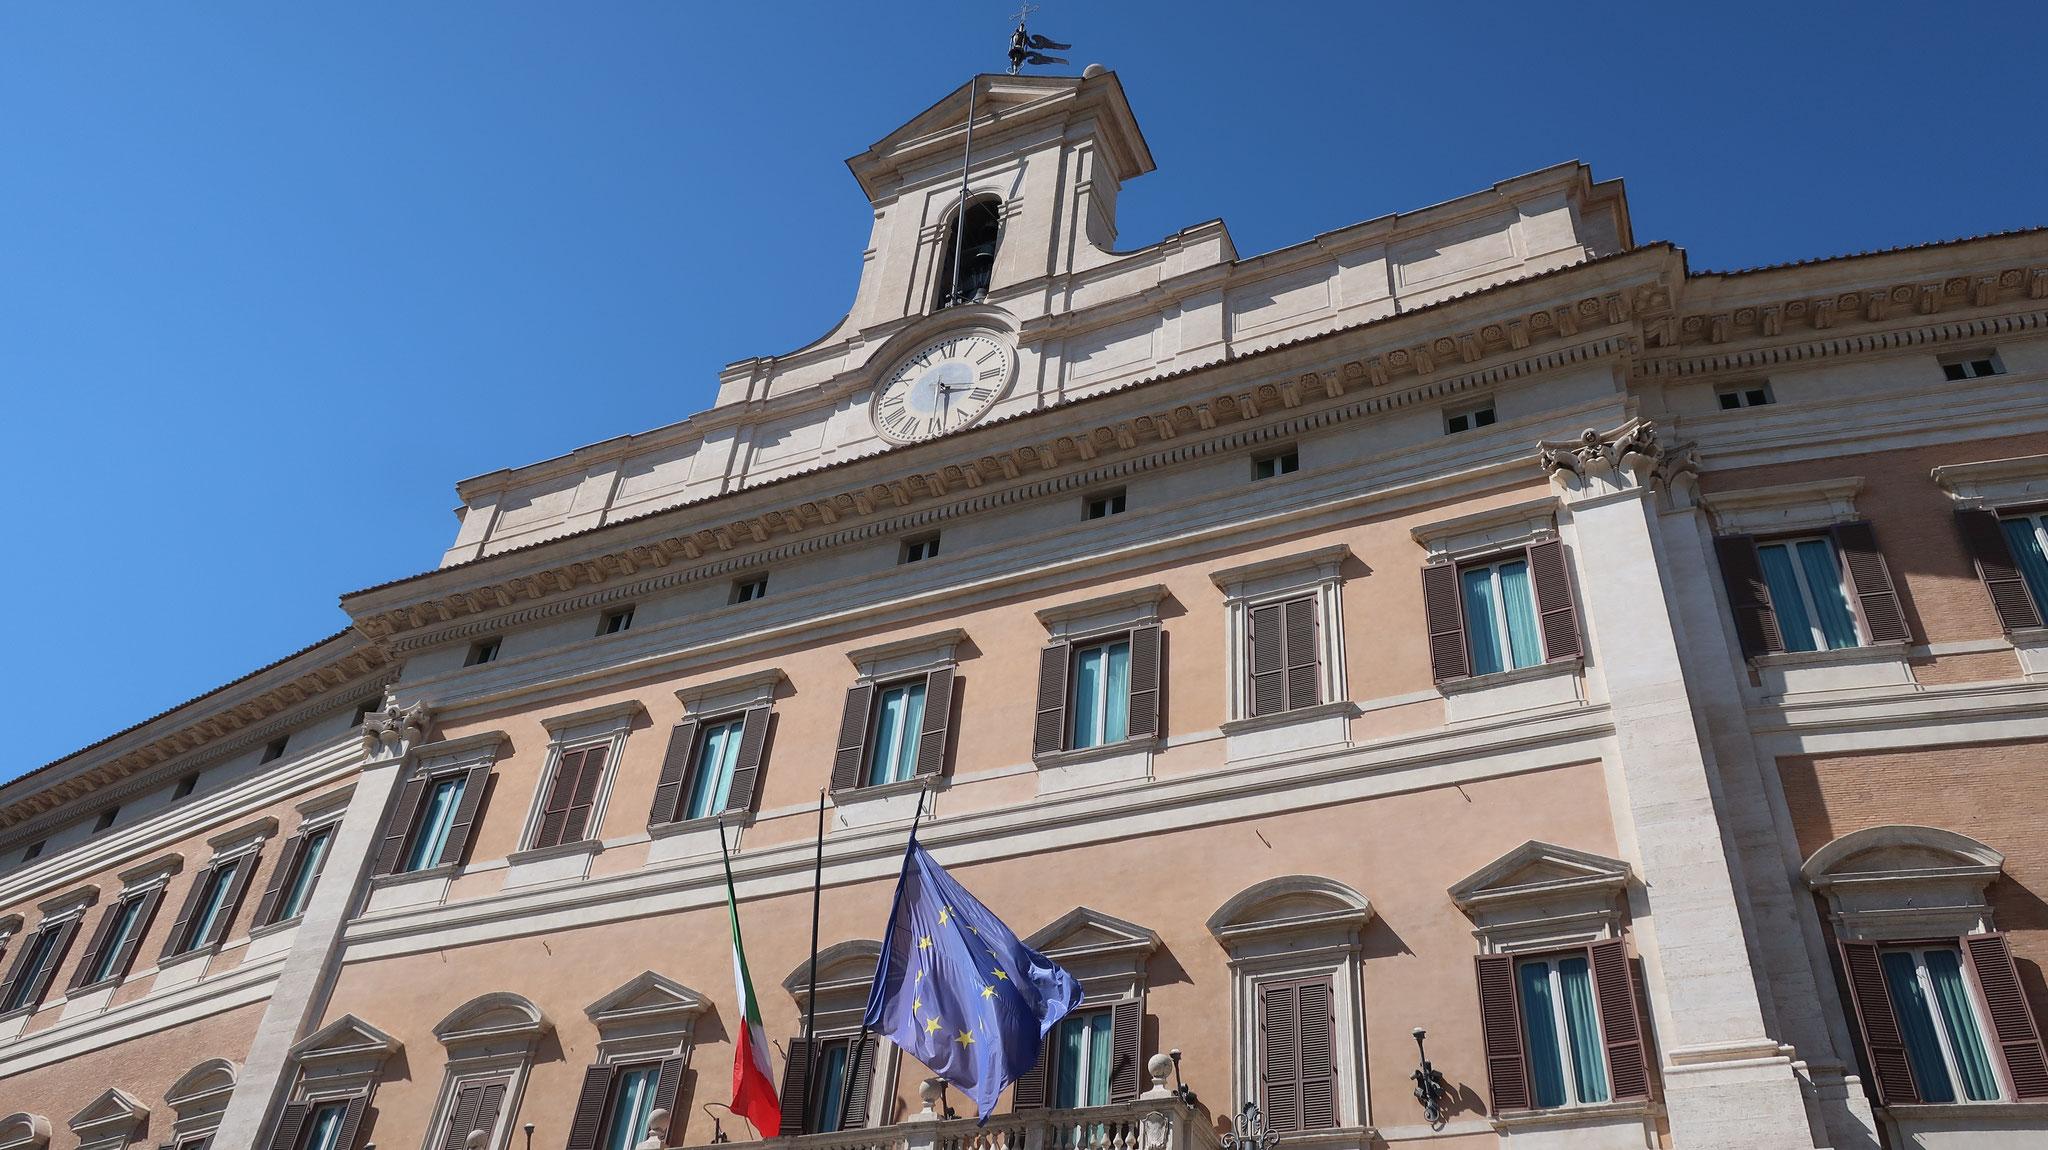 モンテチトーリオ宮殿。現在は、国会(下院)議事堂。